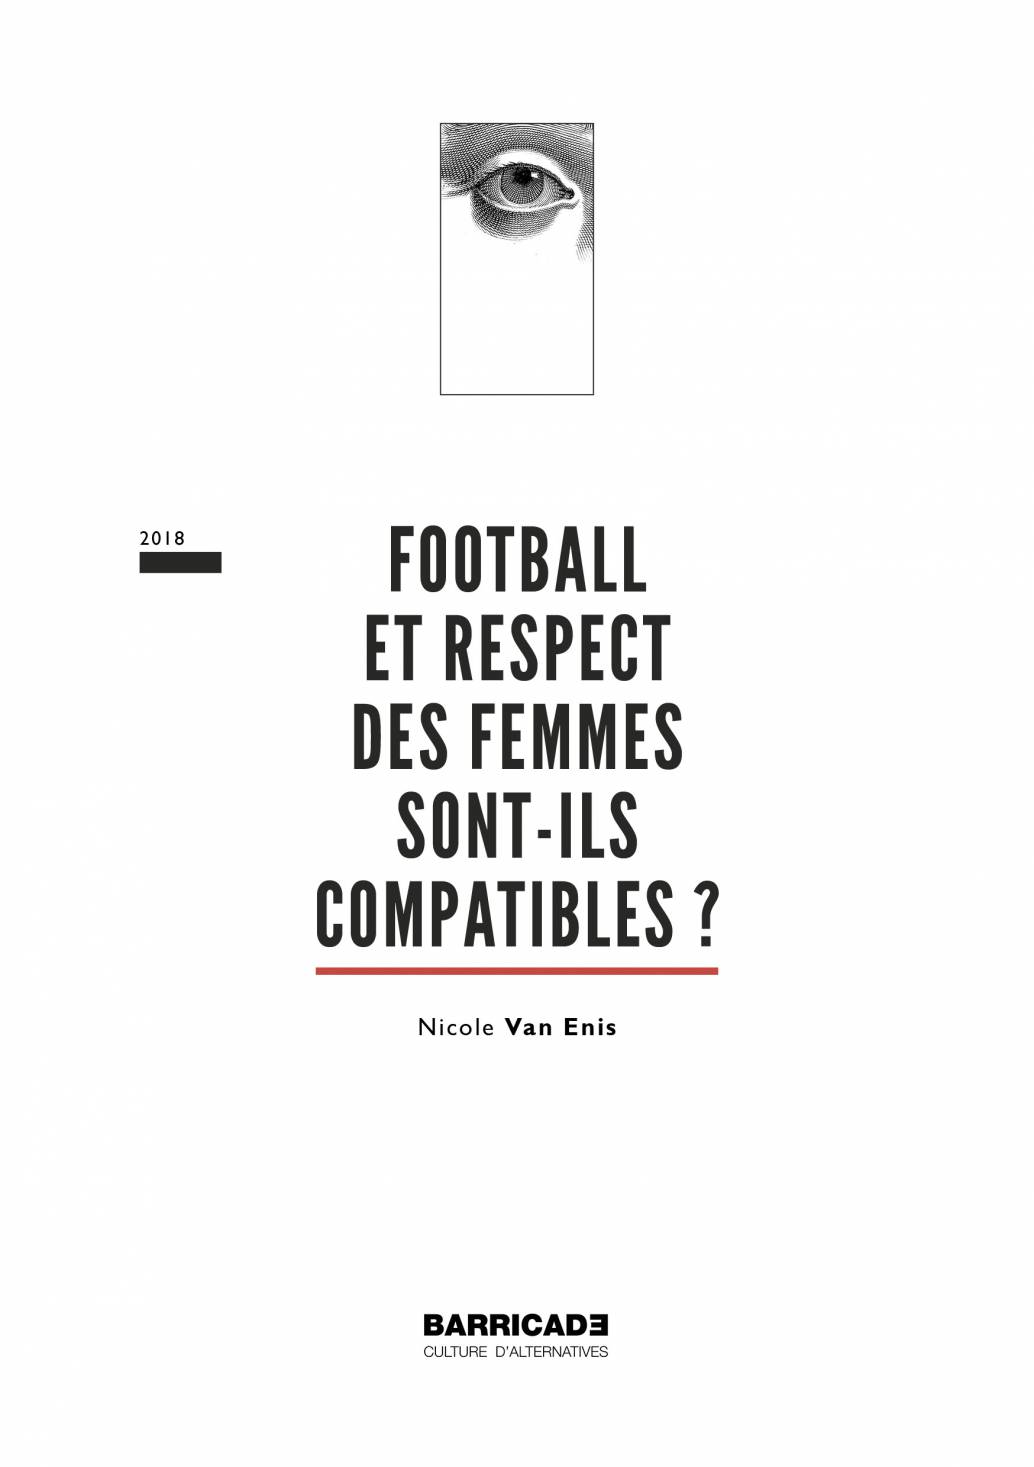 Football et respect des femmes sont-ils compatibles ?